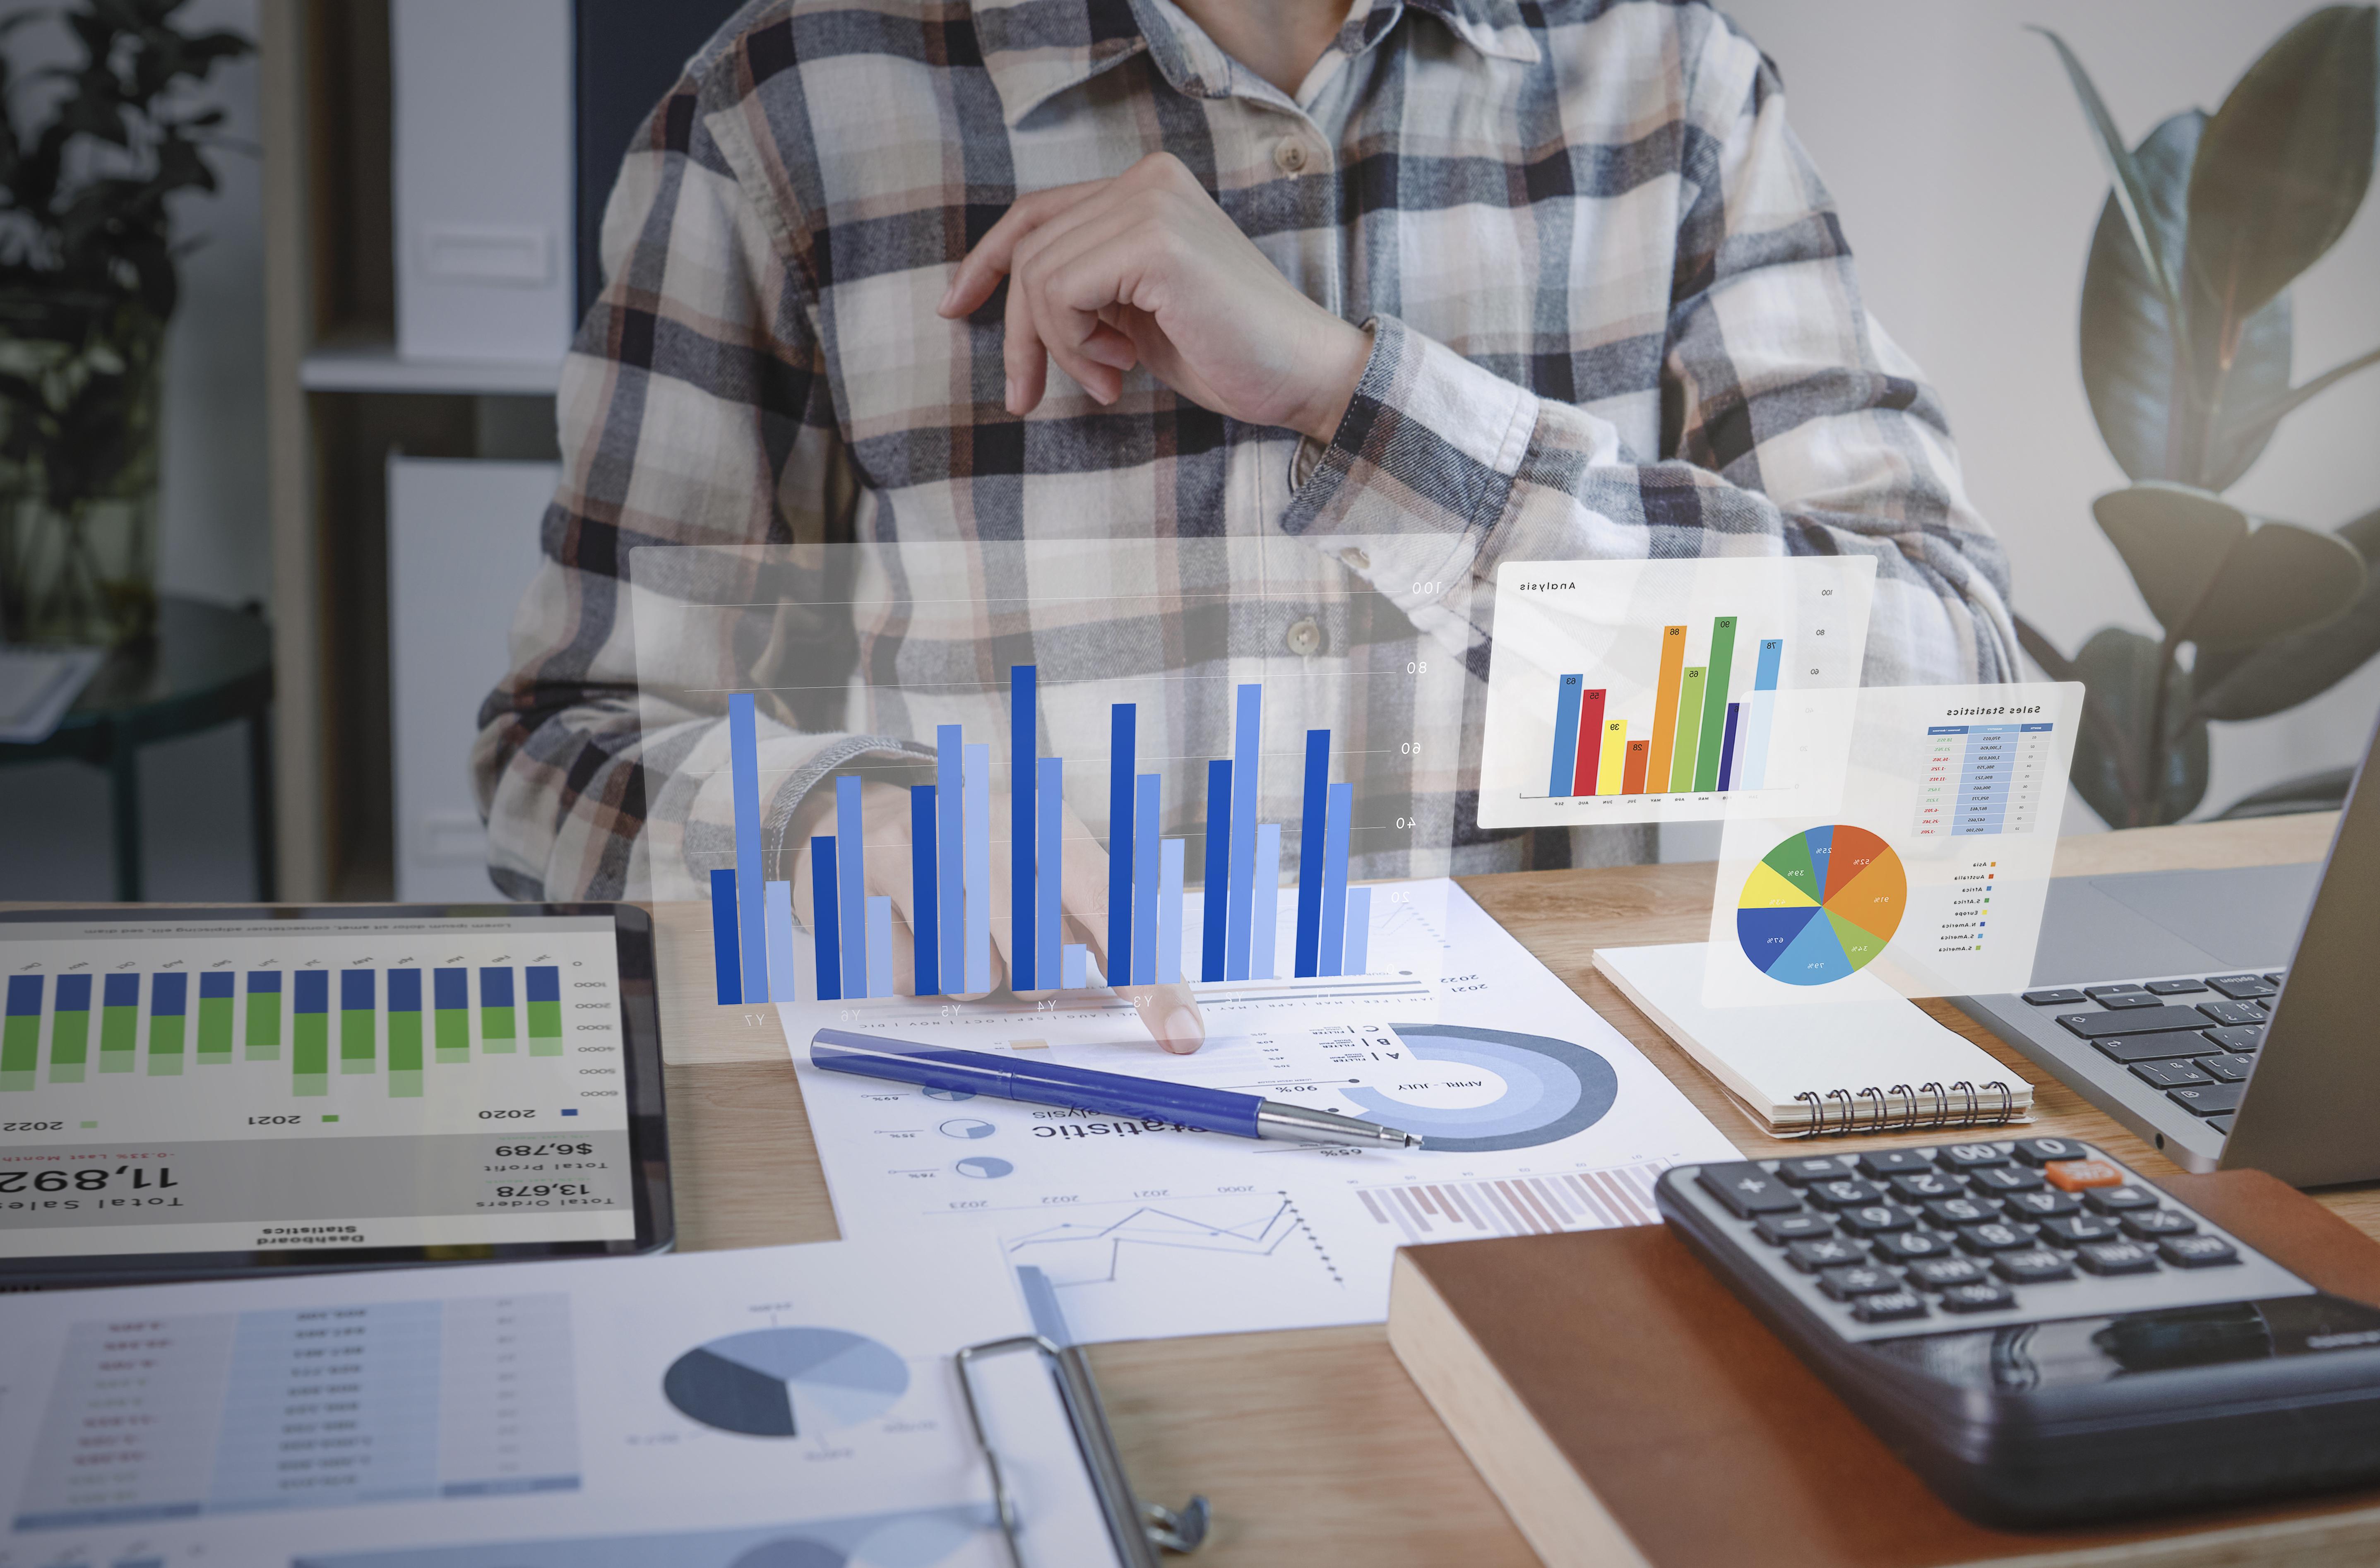 Las finanzas y su Seniority ¿Qué busca el mercado actual?